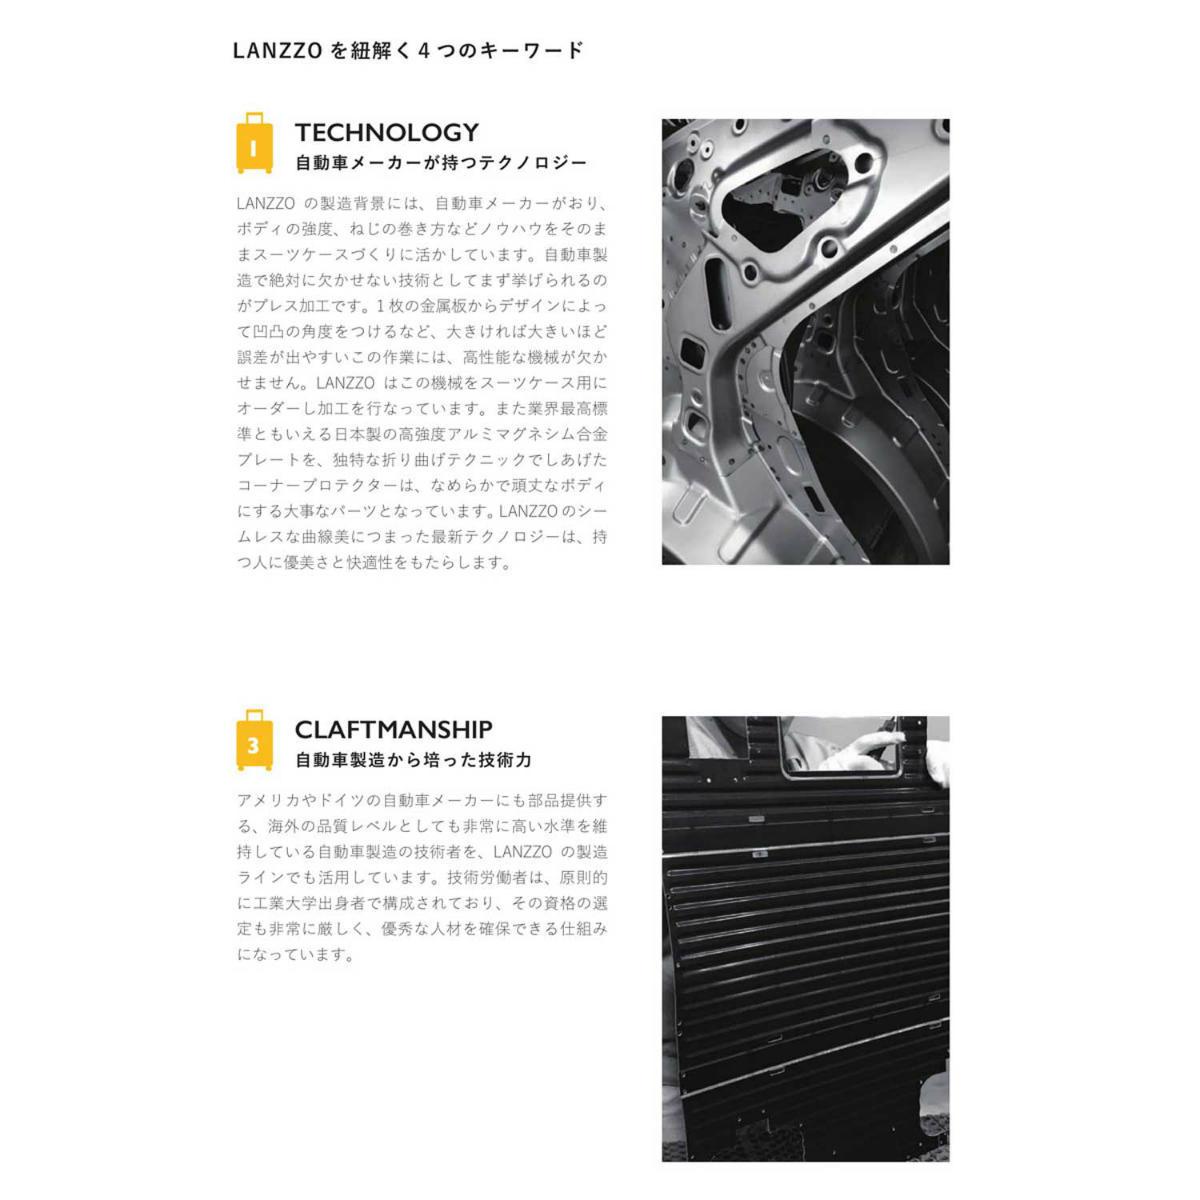 【クリアランスセール・GoTo トラベル】ランツォ LANZZO Norman Light ノーマン ライト 4輪 87L 約5.8kg ダイアルロック式 ポリカーボネート スーツケース PC29 42909 WIN(ワイン)【返品交換不可】special priceAM